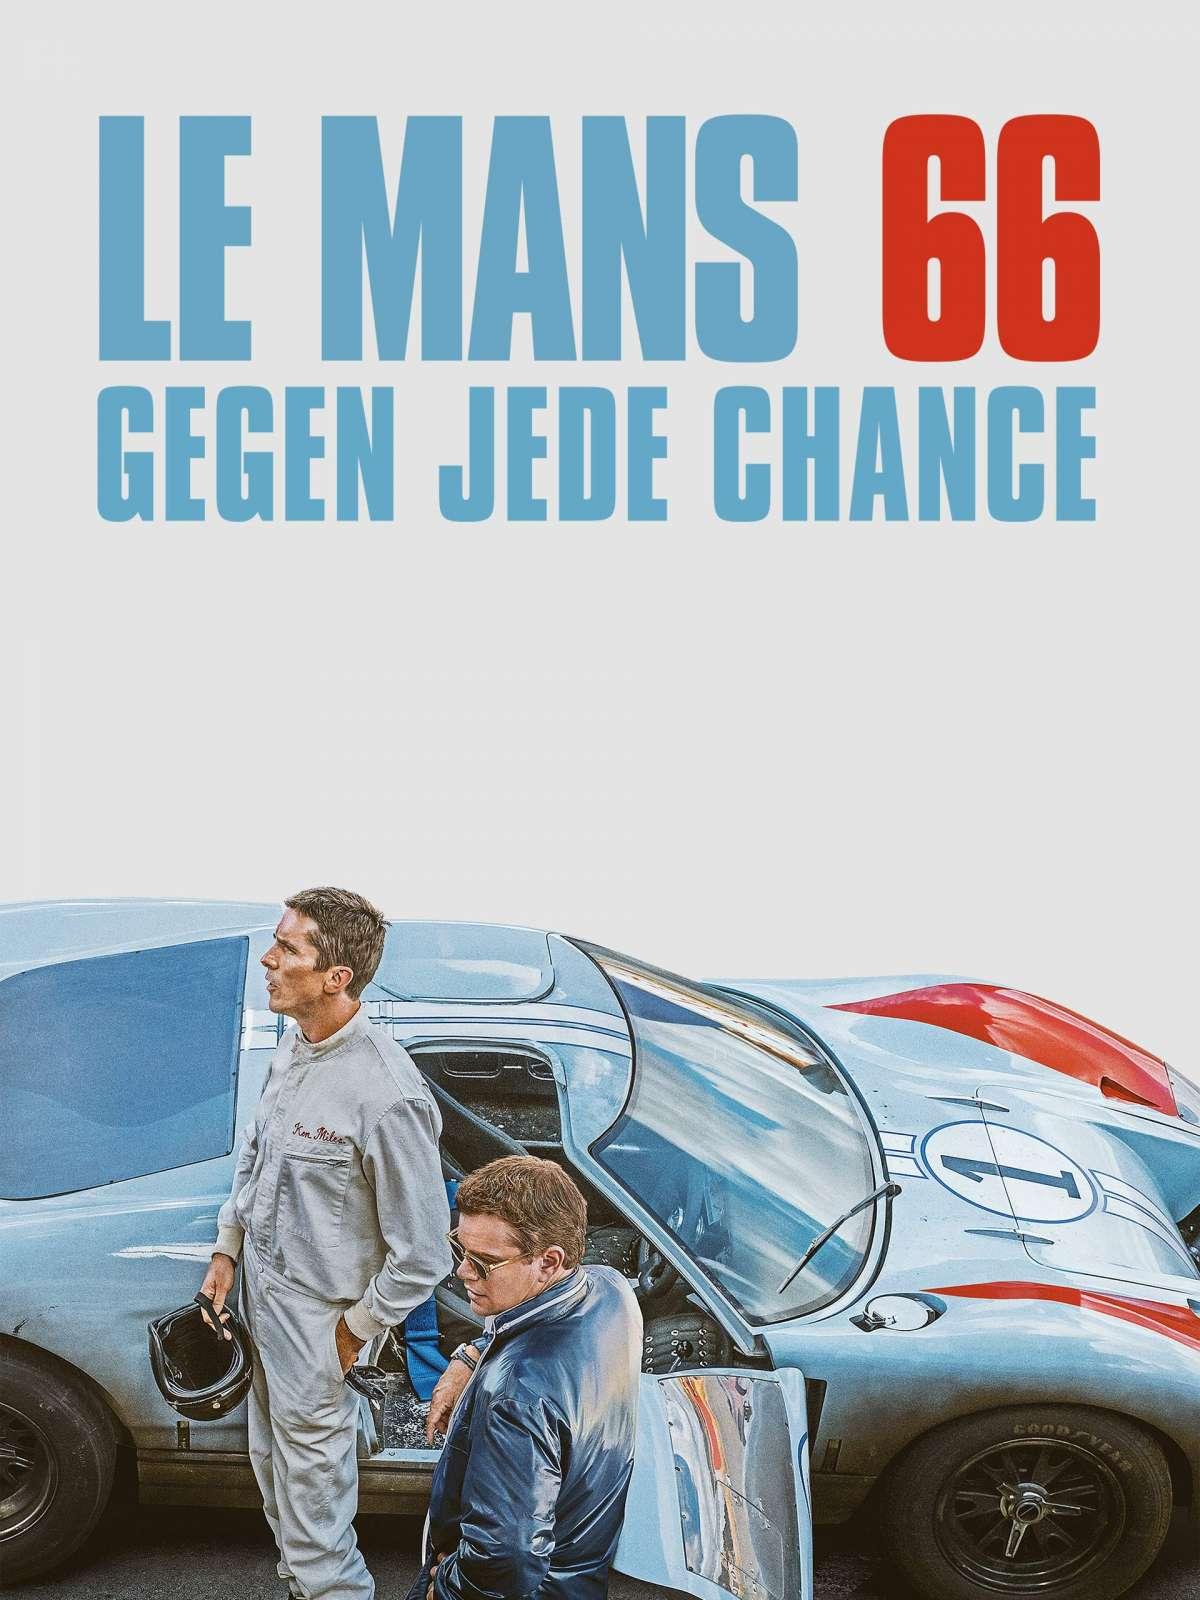 Le Mans 66 - Gegen jede Chance - Autokino Paderborn am Flughafen Paderborn - Büren, Westfalen